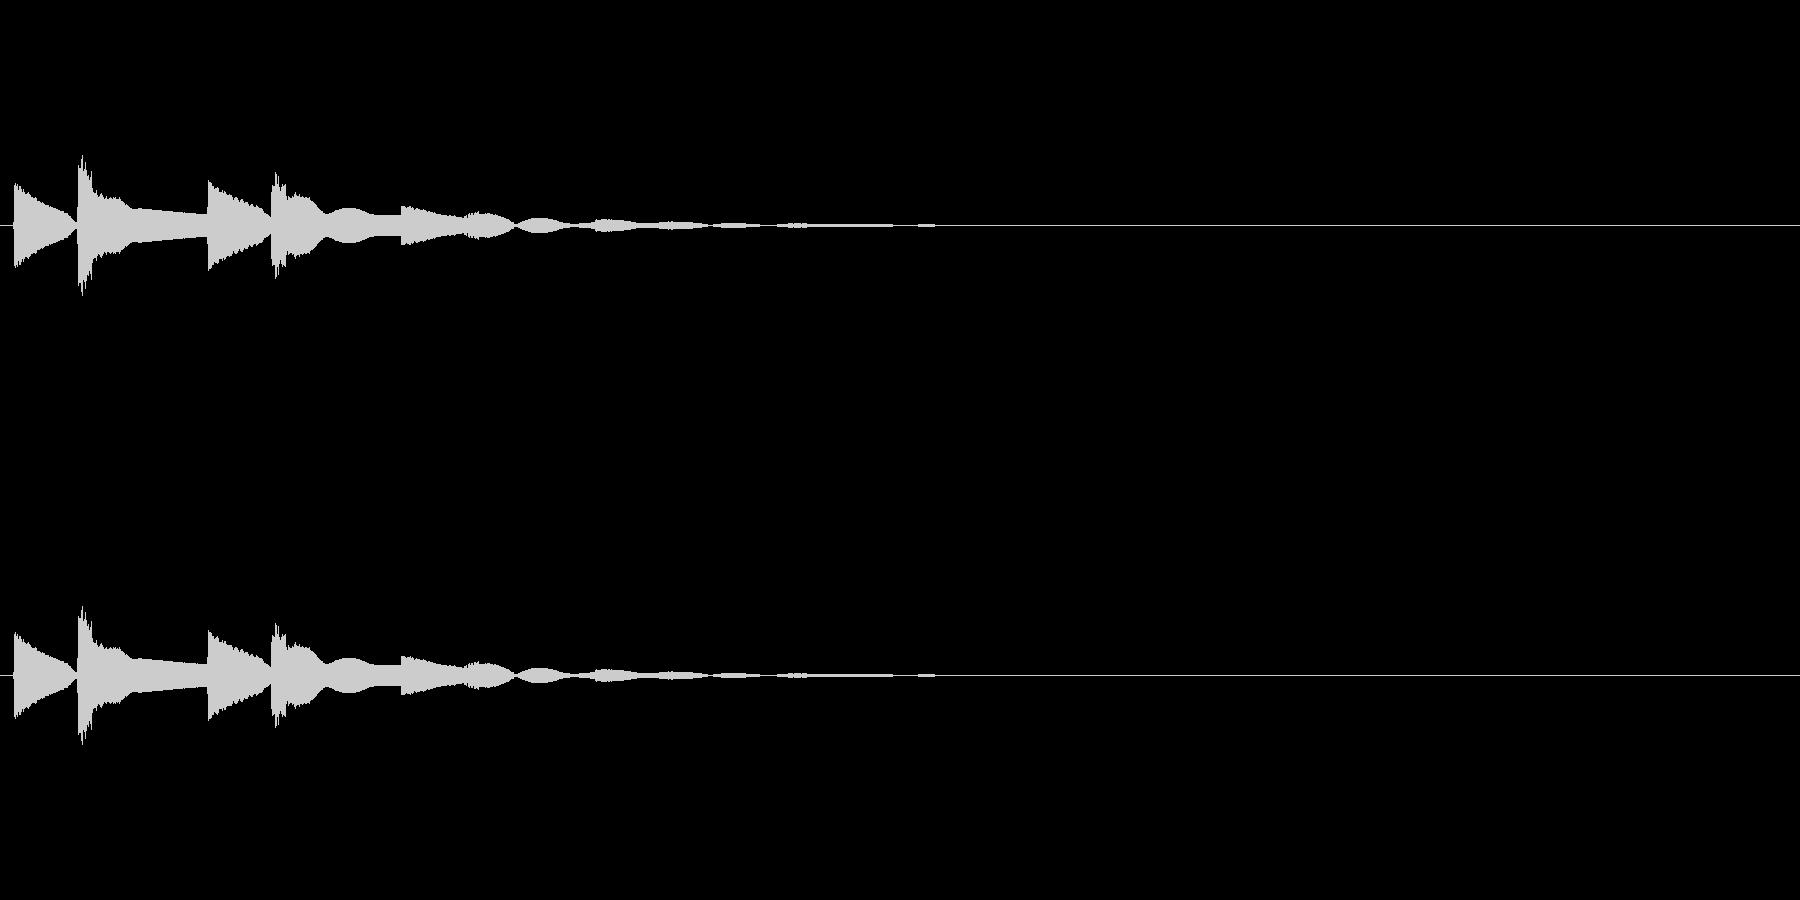 【ひらめき02-3】の未再生の波形